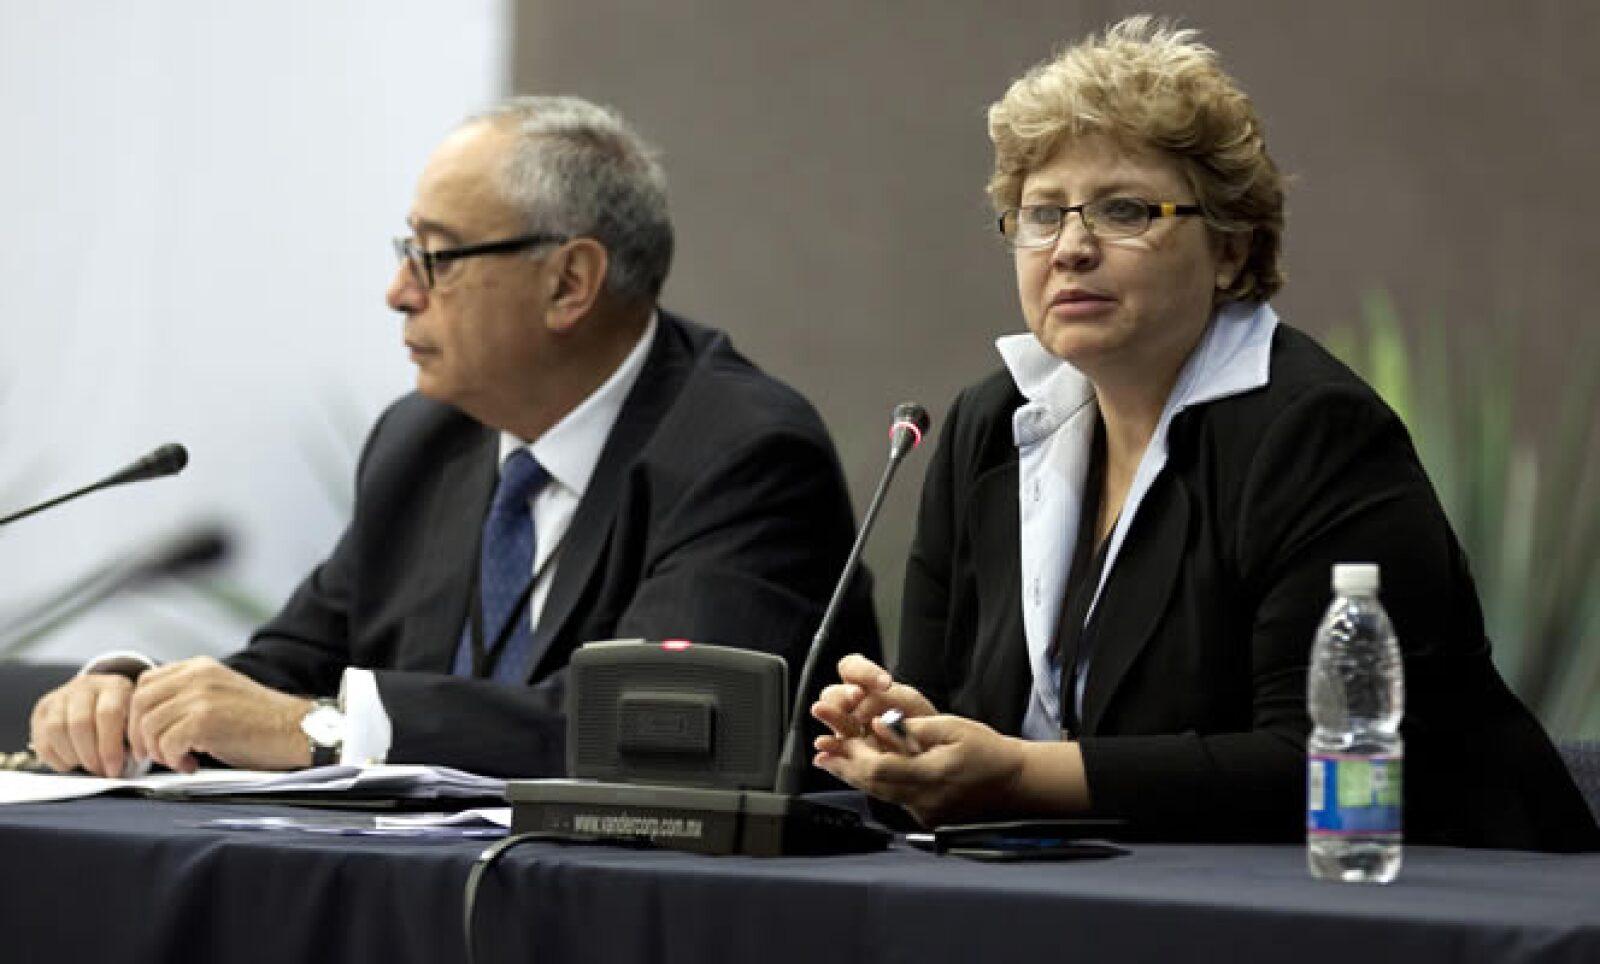 La Vicepresidenta Editorial de Grupo Expansión, Rossana Fuentes Berain, participó en uno de los foros de la cumbre